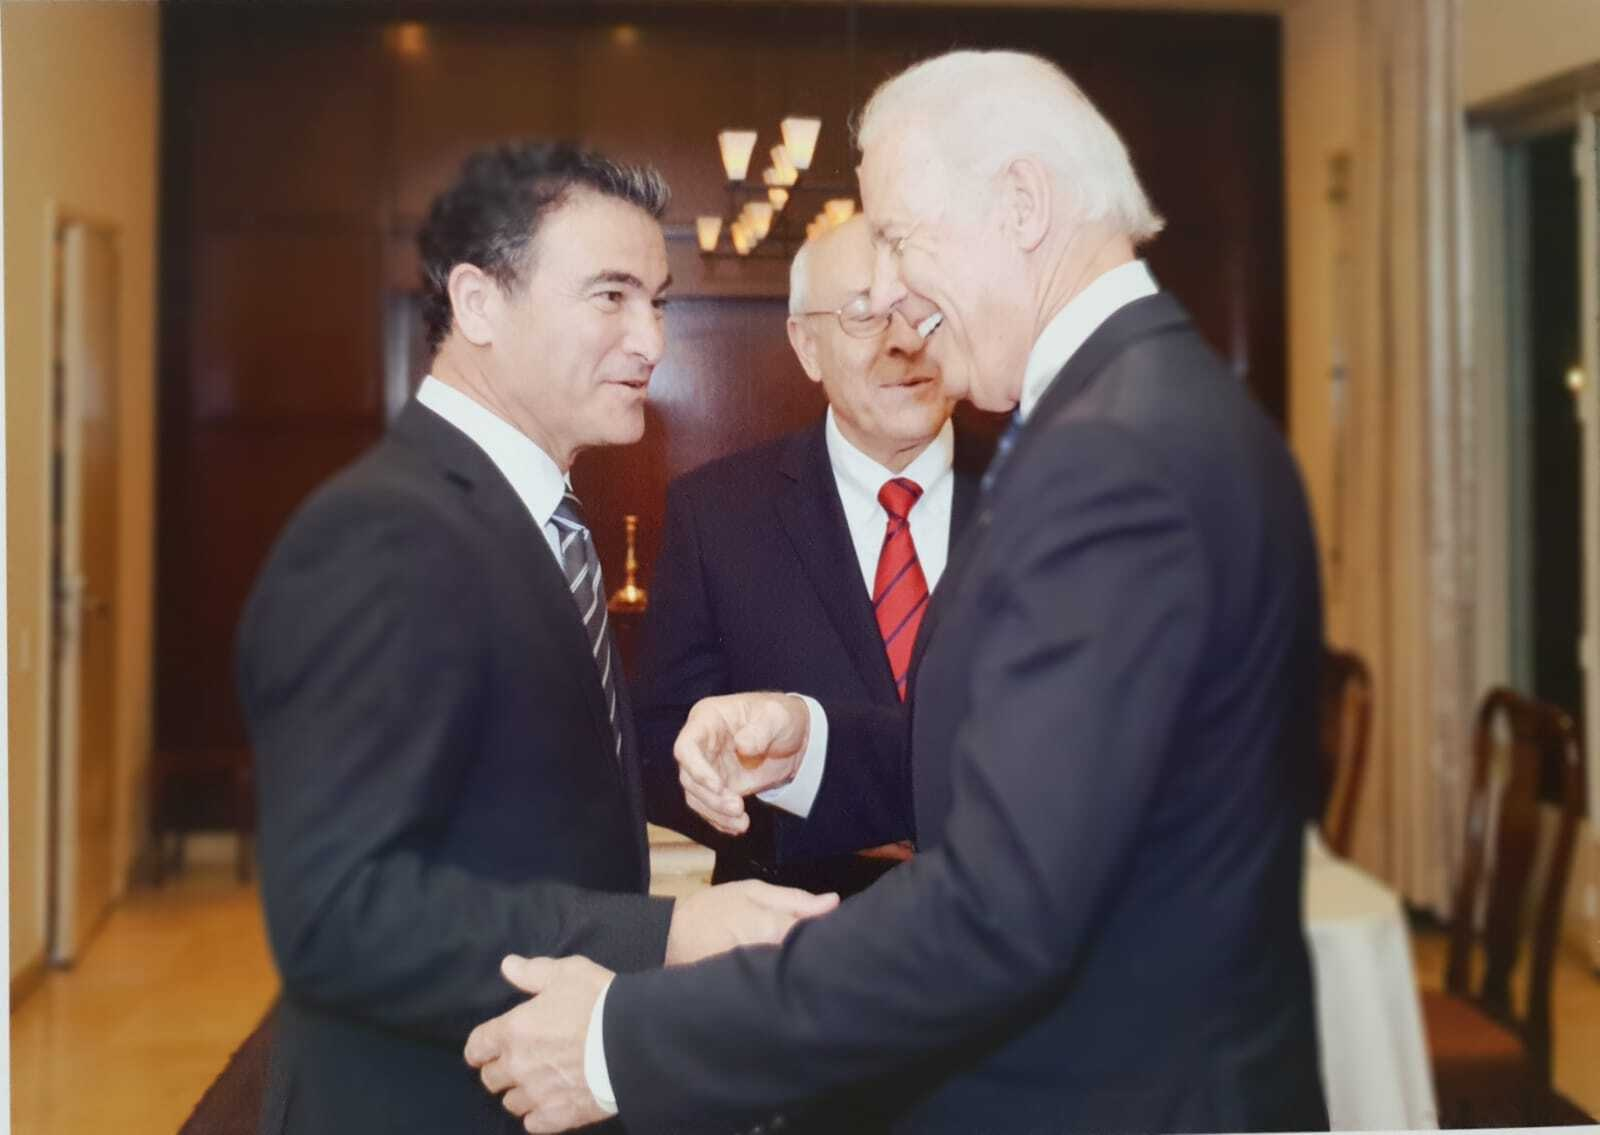 СМИ: Байден обсудил с главой Моссада ядерную угрозу Ирана